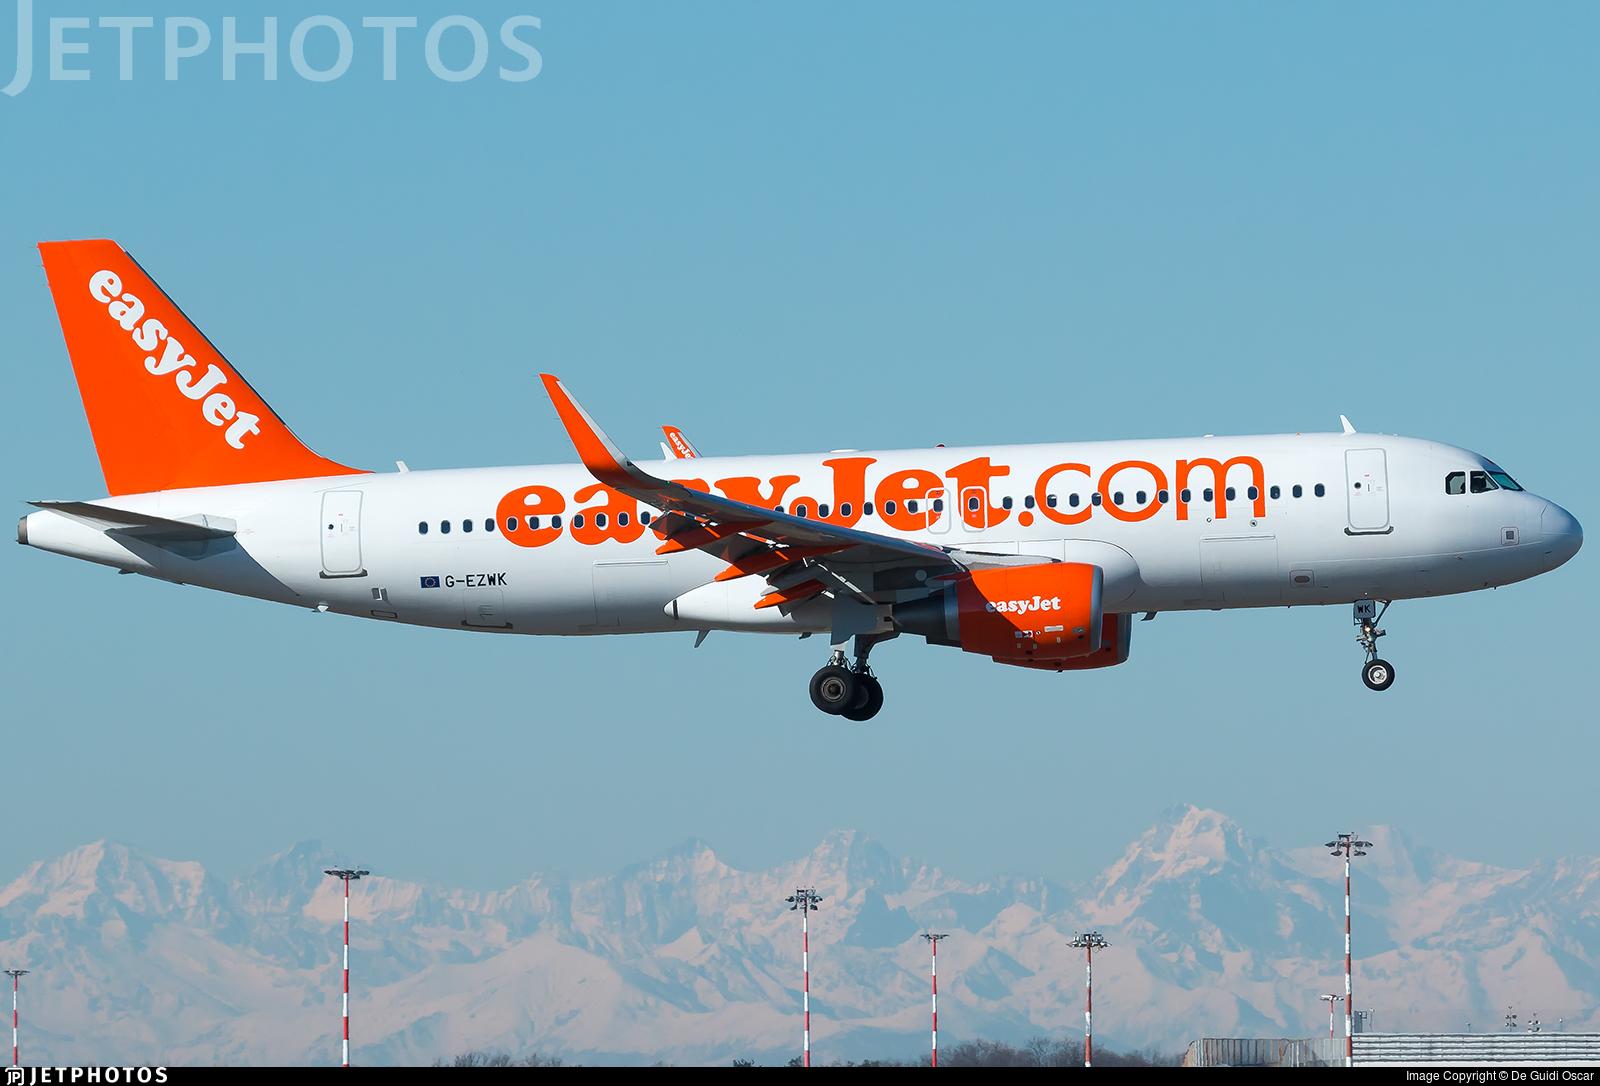 G-EZWK - Airbus A320-214 - easyJet